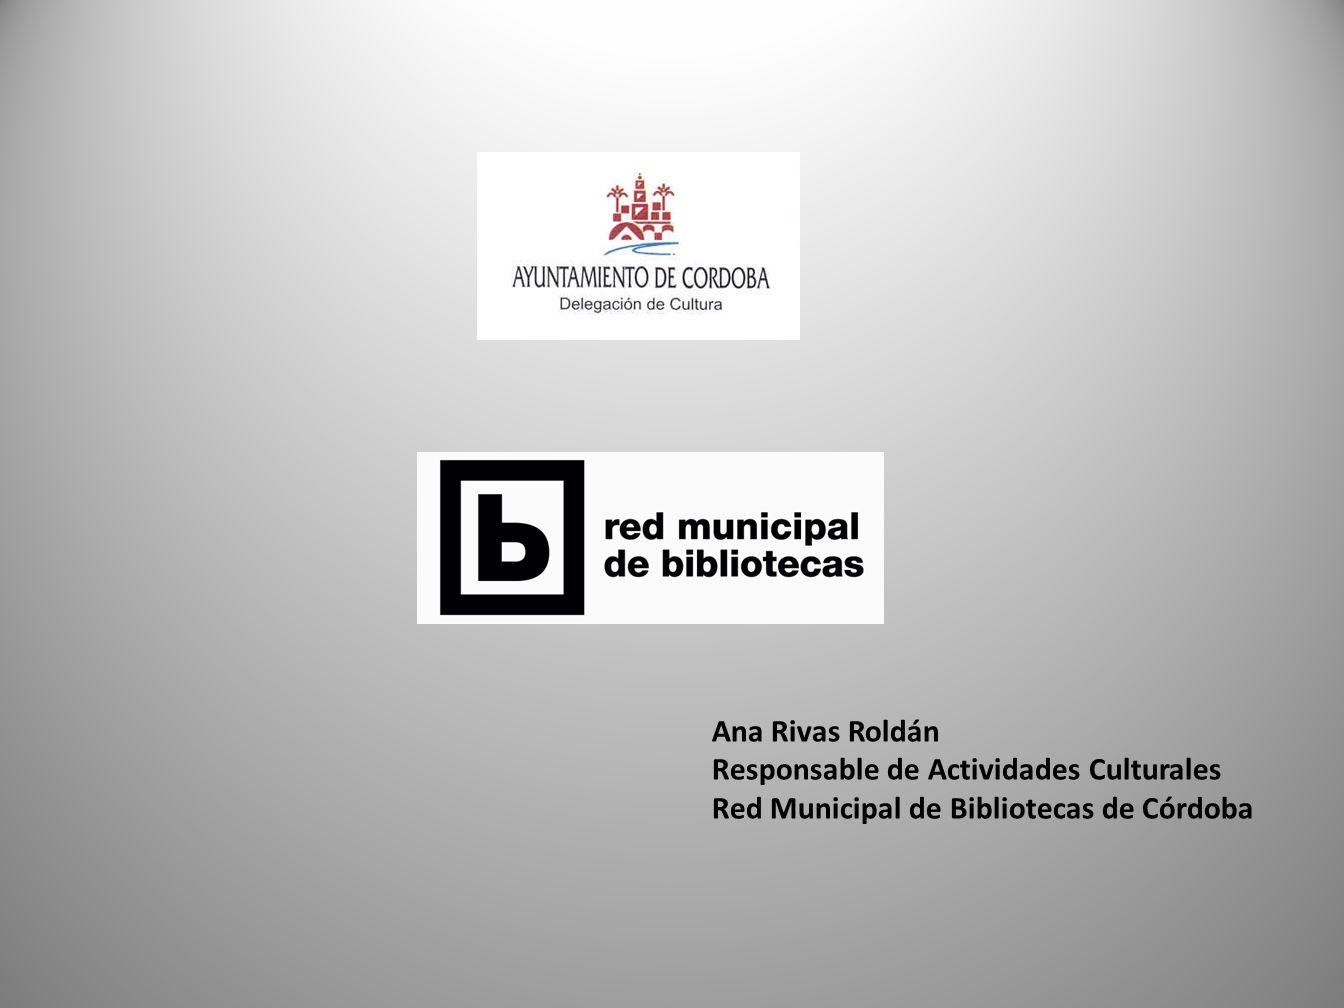 Ana Rivas Roldán Responsable de Actividades Culturales Red Municipal de Bibliotecas de Córdoba